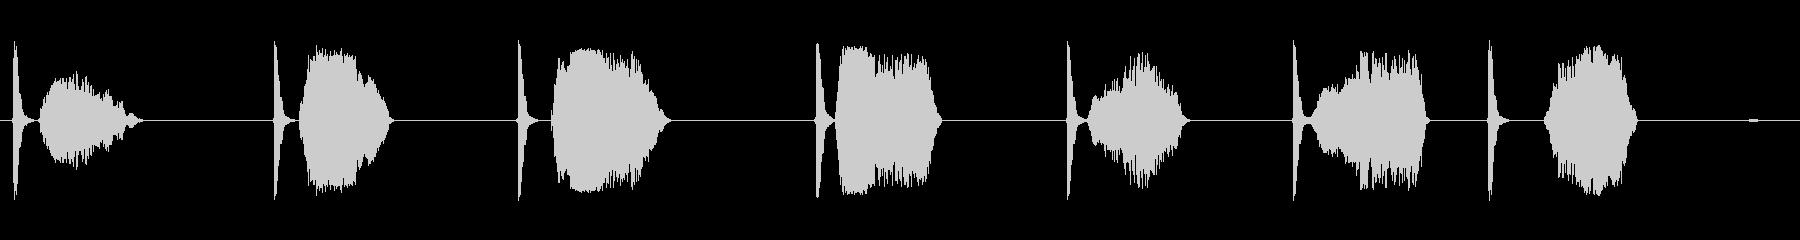 ホイップドマン、ヒト; DIGIF...の未再生の波形